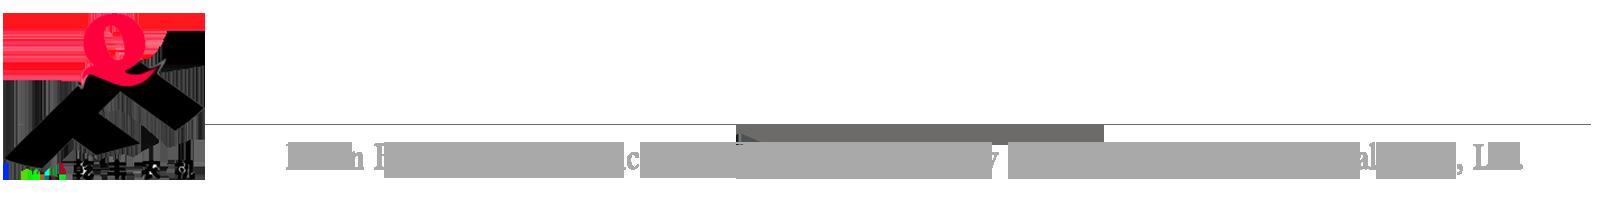 呼倫貝爾乾豐農牧業機械設備銷售有限公司